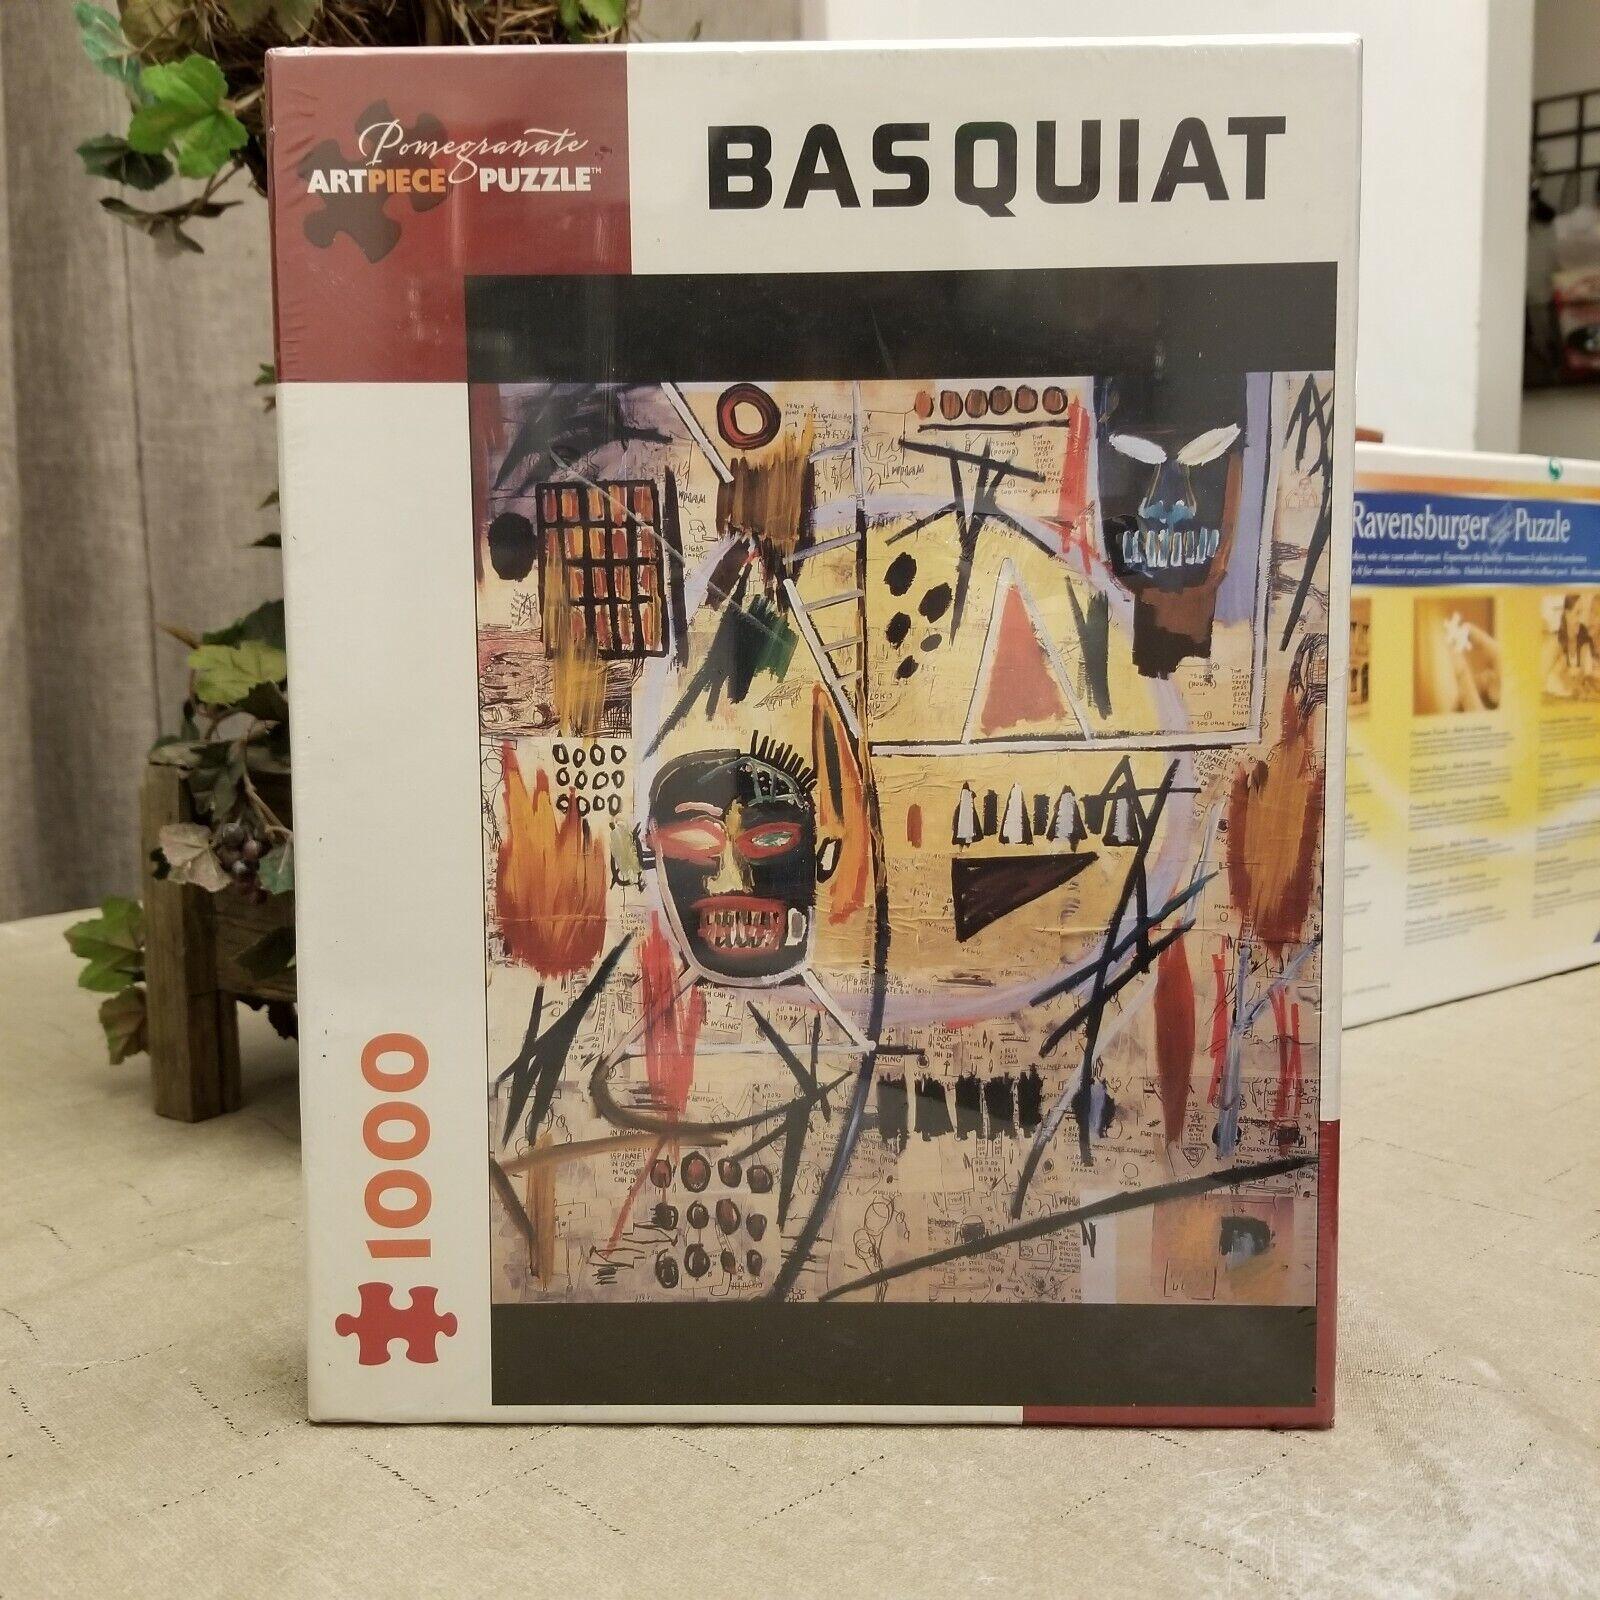 goditi il 50% di sconto Jean-Michel Basquiat Samo Pomegranate Artpiece Puzzle Puzzle Puzzle 1000 Pieces Very Rare nuovo  prendiamo i clienti come nostro dio